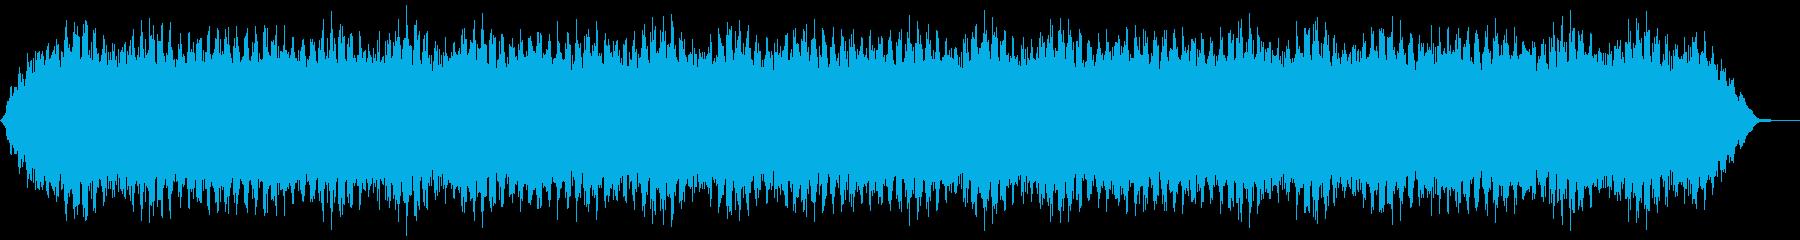 【アンビエント】ドローン_53 実験音の再生済みの波形